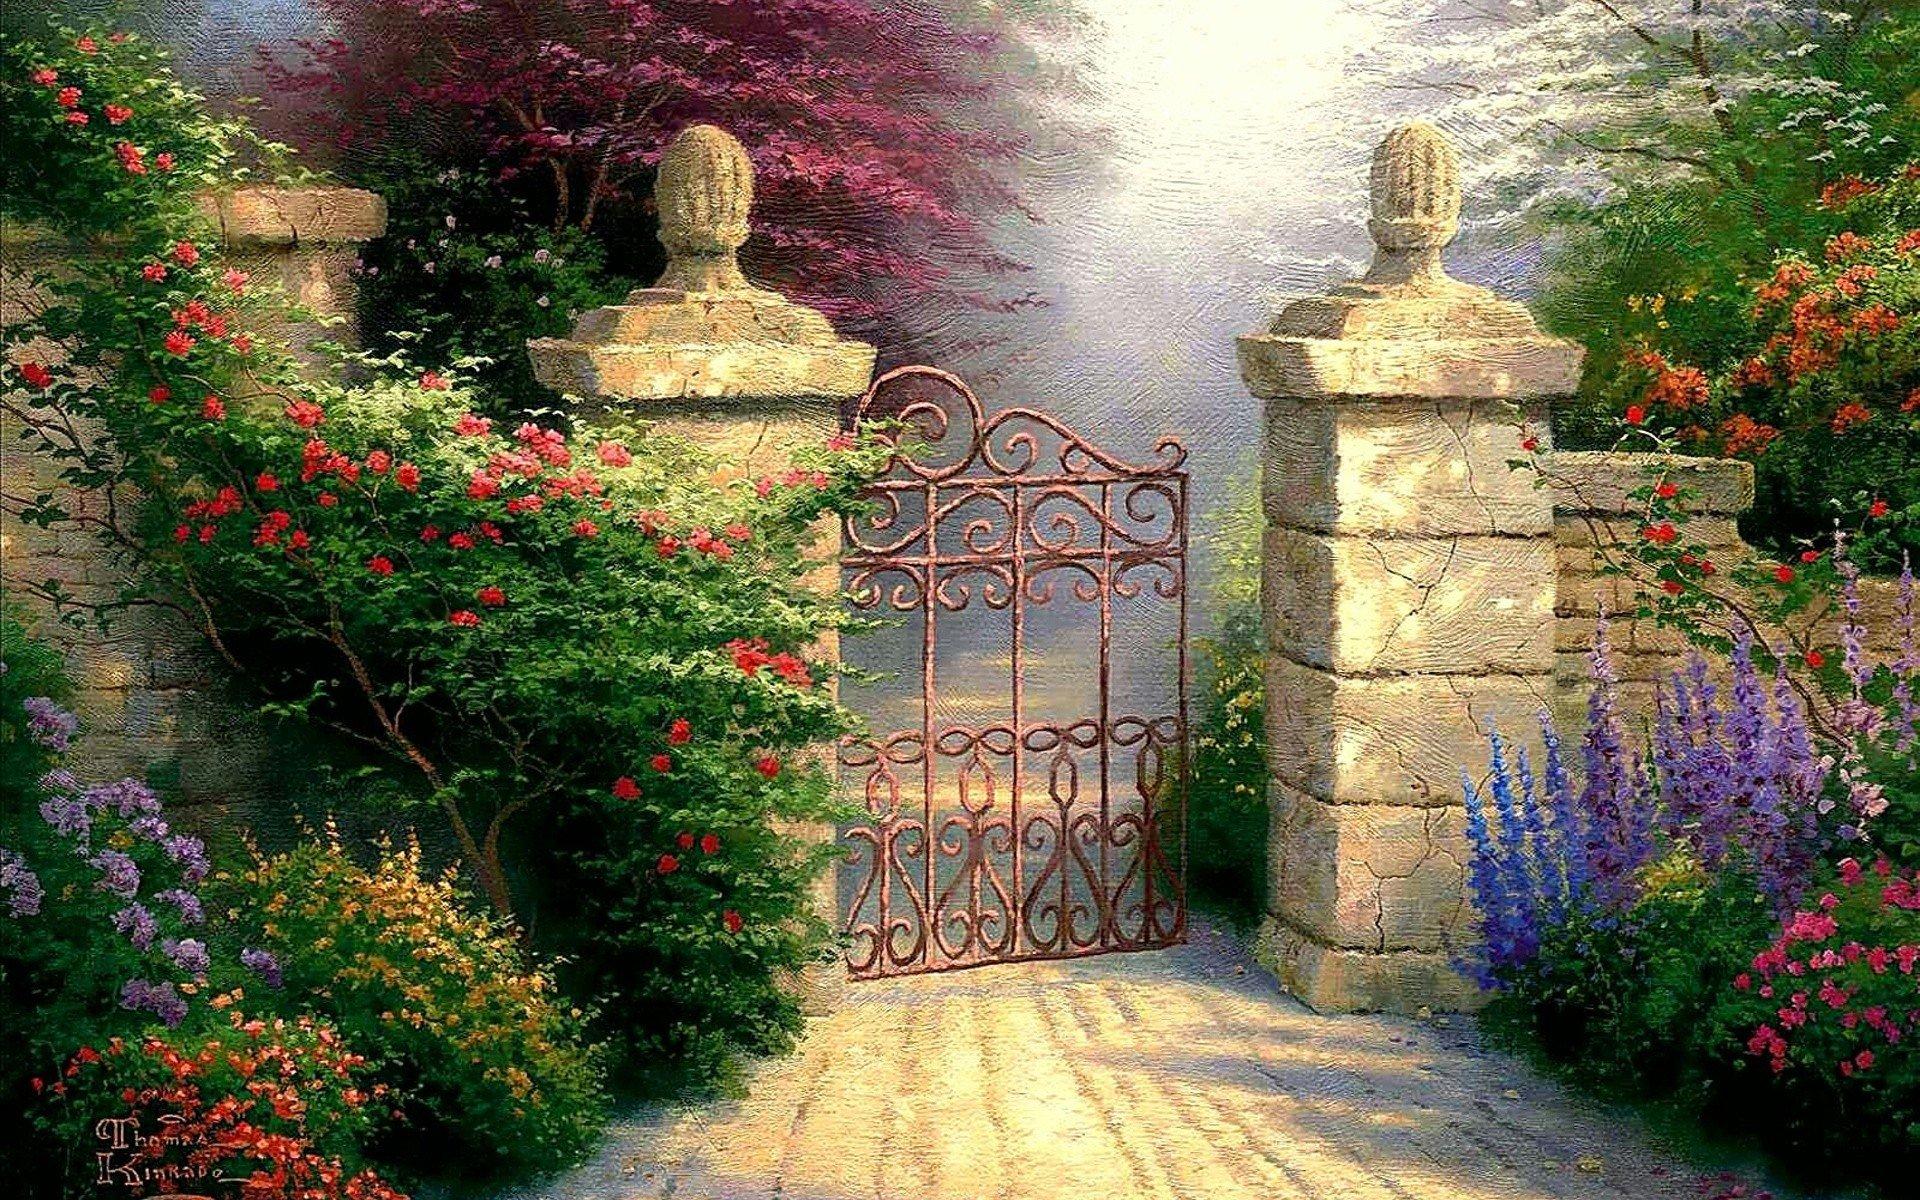 flower garden paintings paintings flowers garden - Flower Garden Paintings